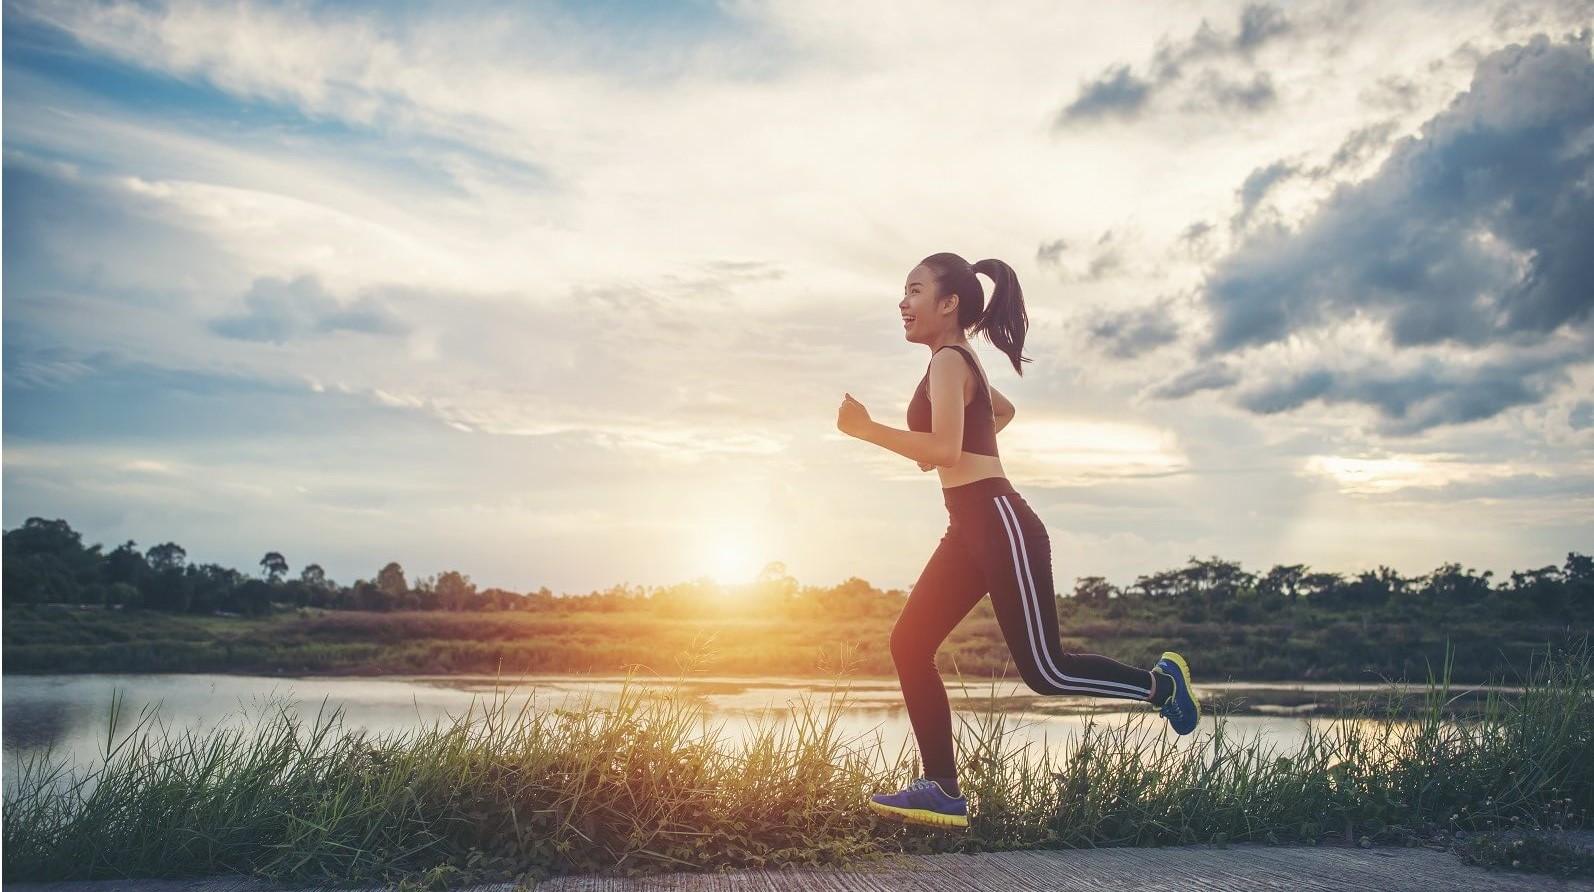 làm thế nào để có sức khỏe tốt